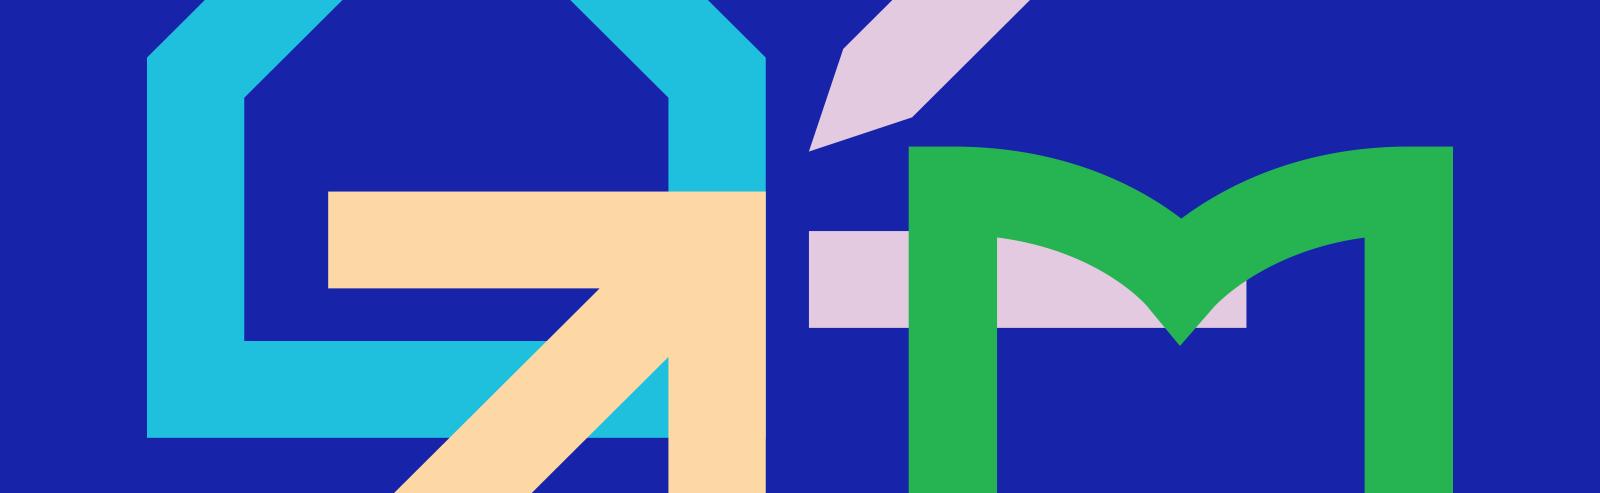 banner_programs